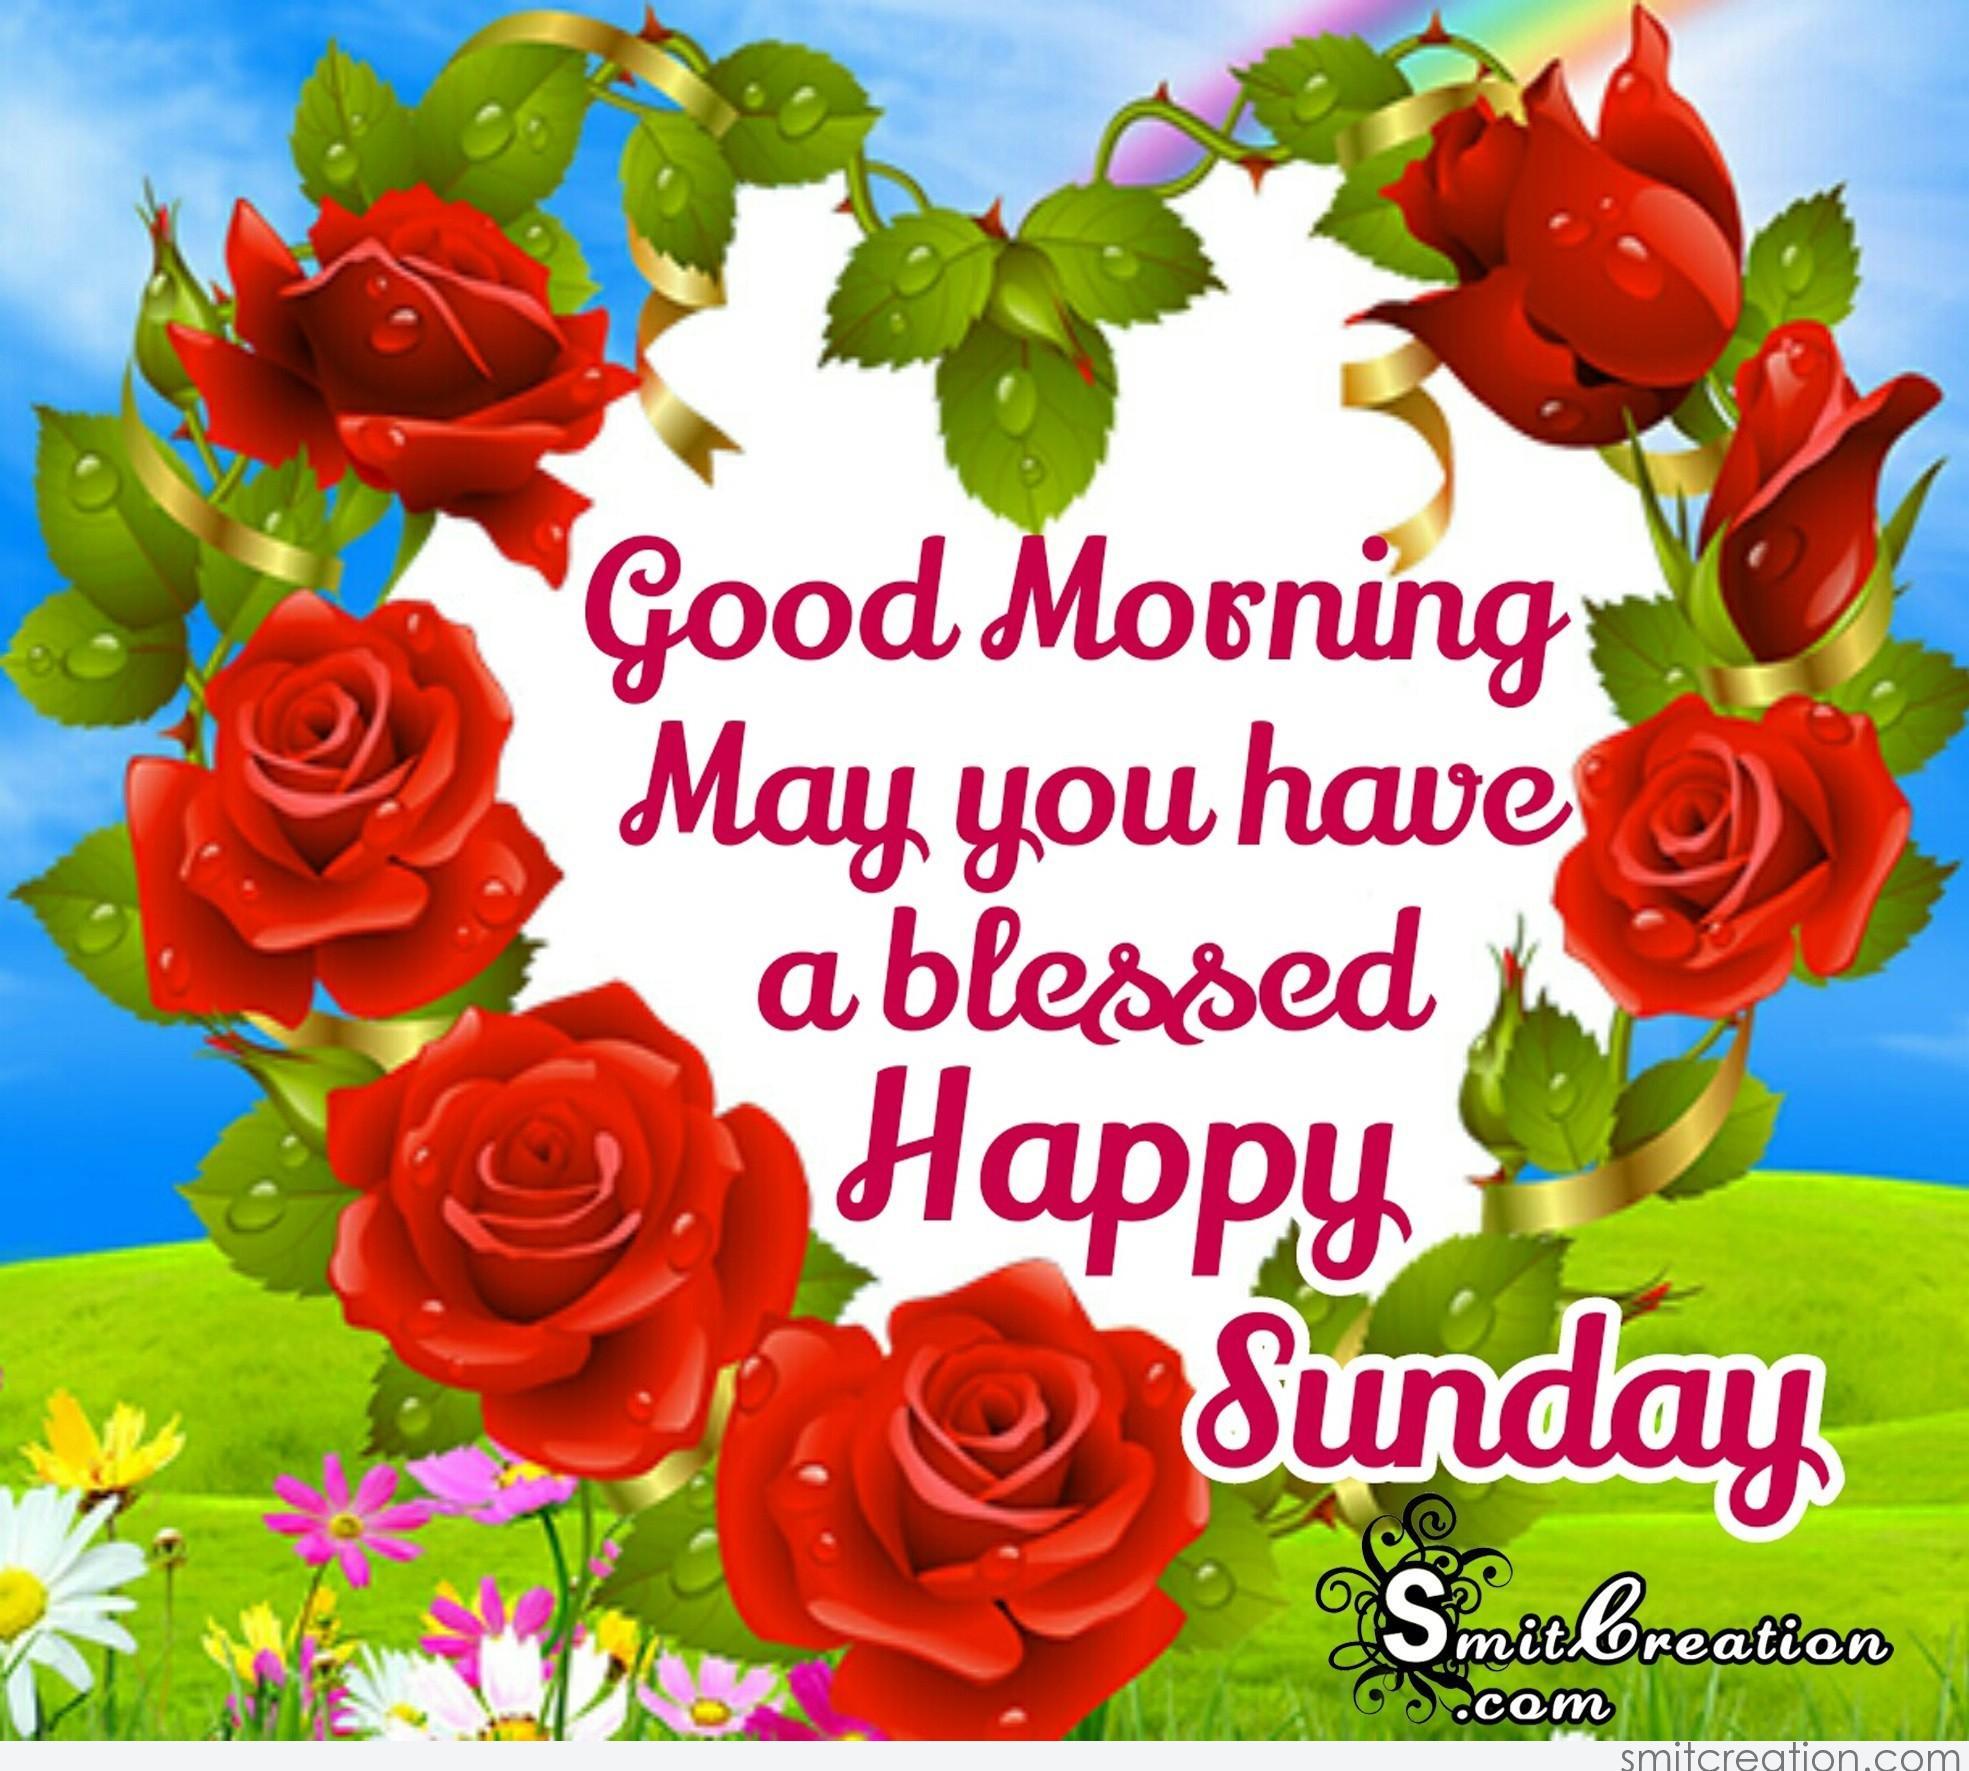 Good Morning Happy Sunday Images   SmitCreation.com